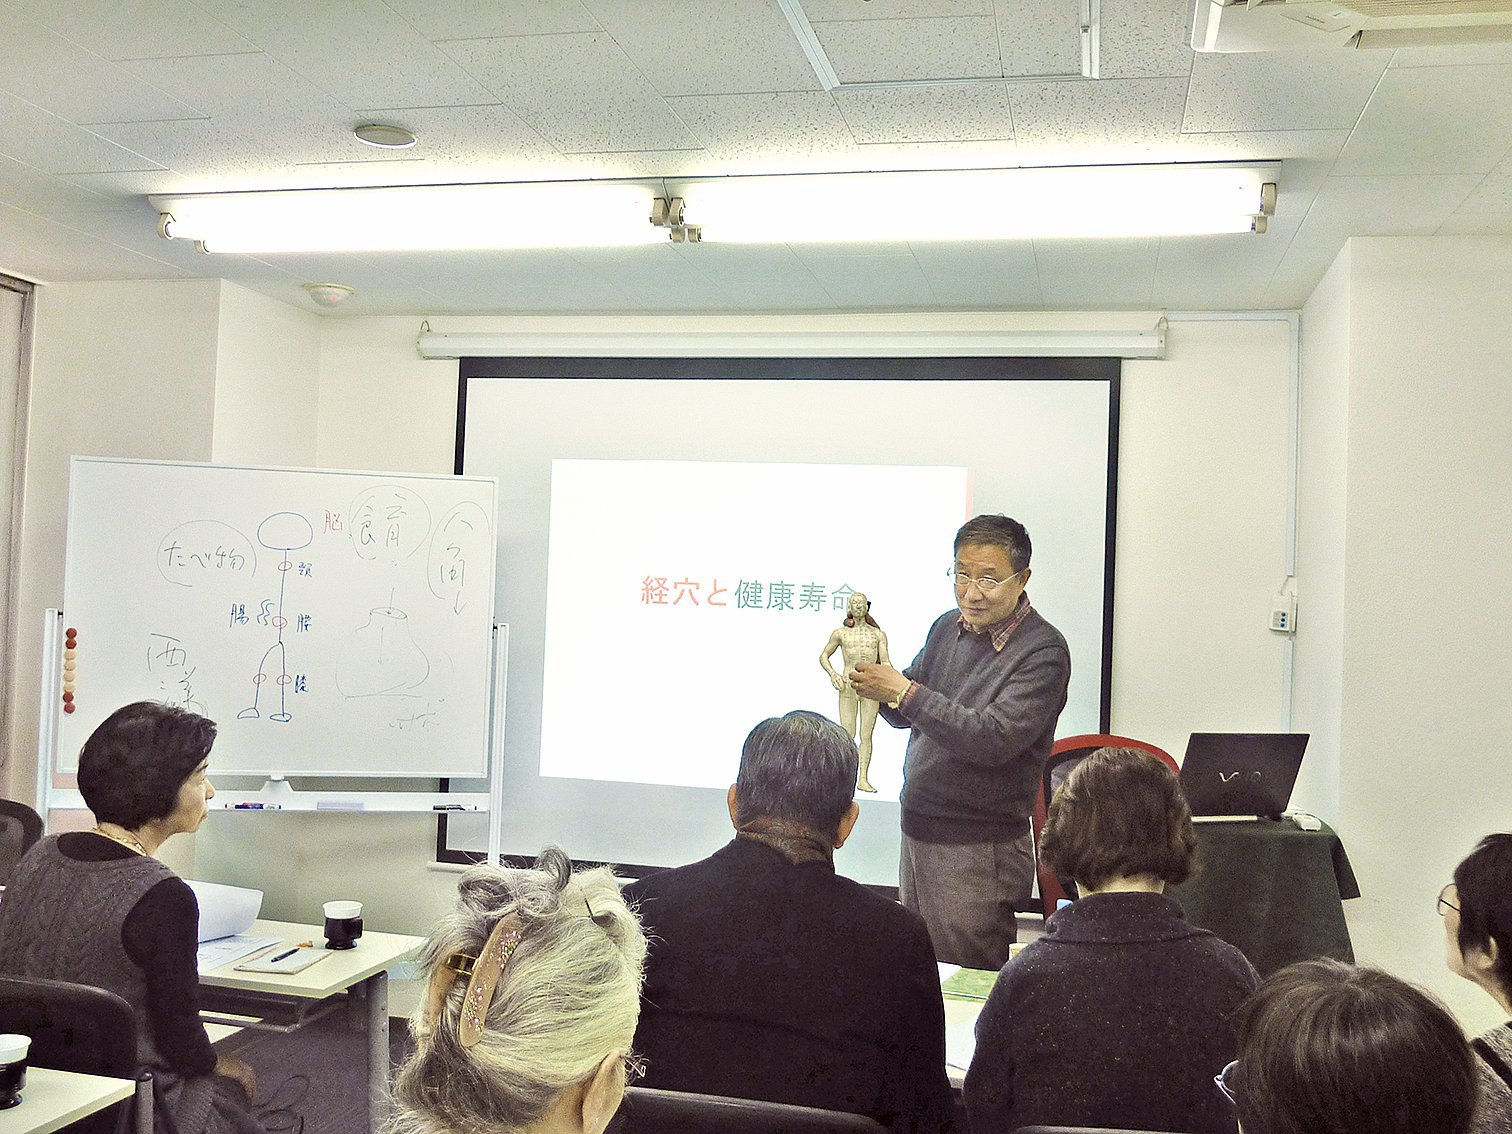 日前王曉明教授舉辦了中國傳統醫學養生特別講座。(吳麗麗/大紀元)